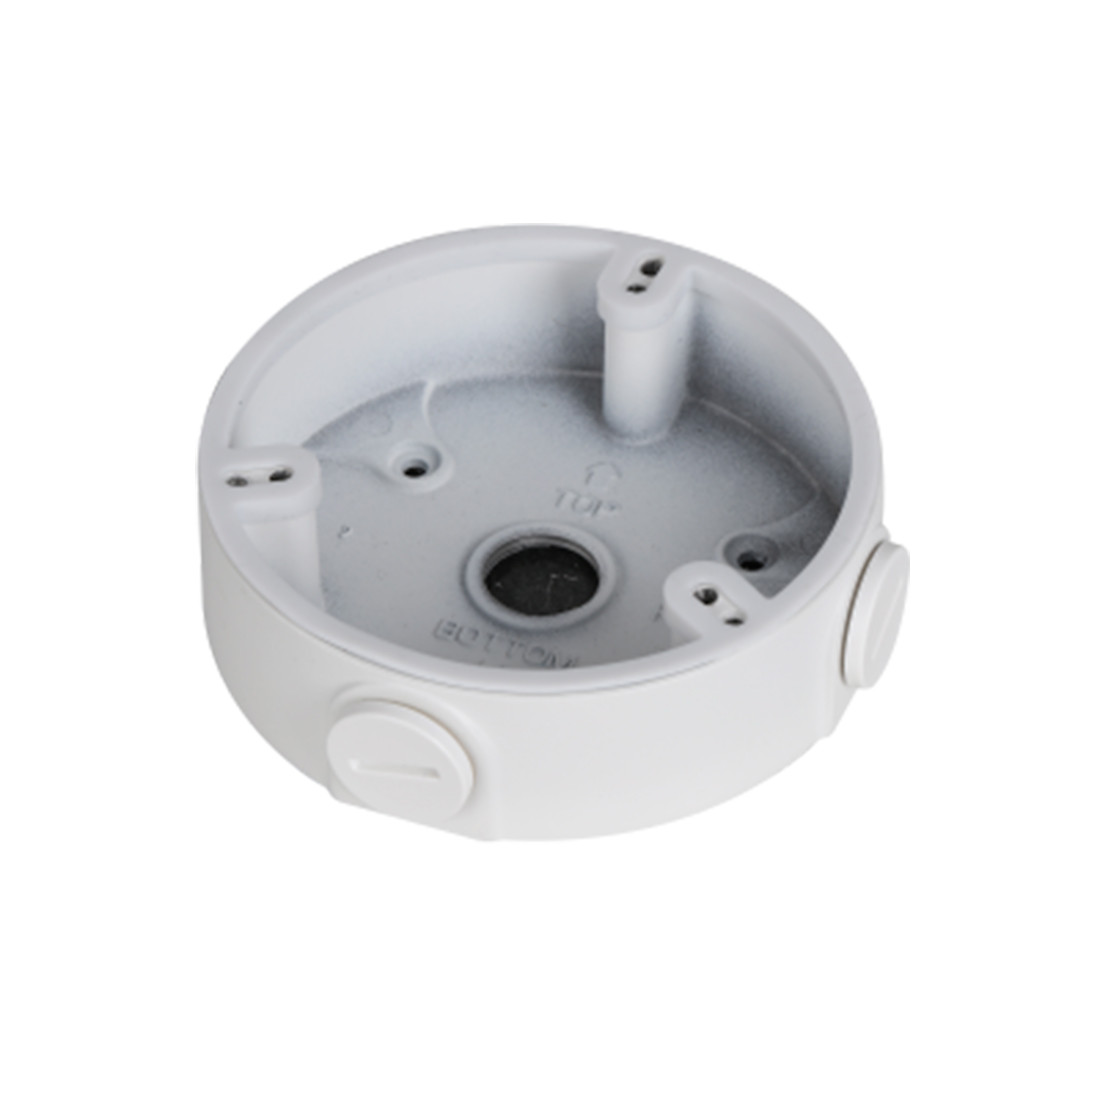 Dahua PFA136 Кронштейн Алюминий, Максимальная нагрузка до 1 кг.